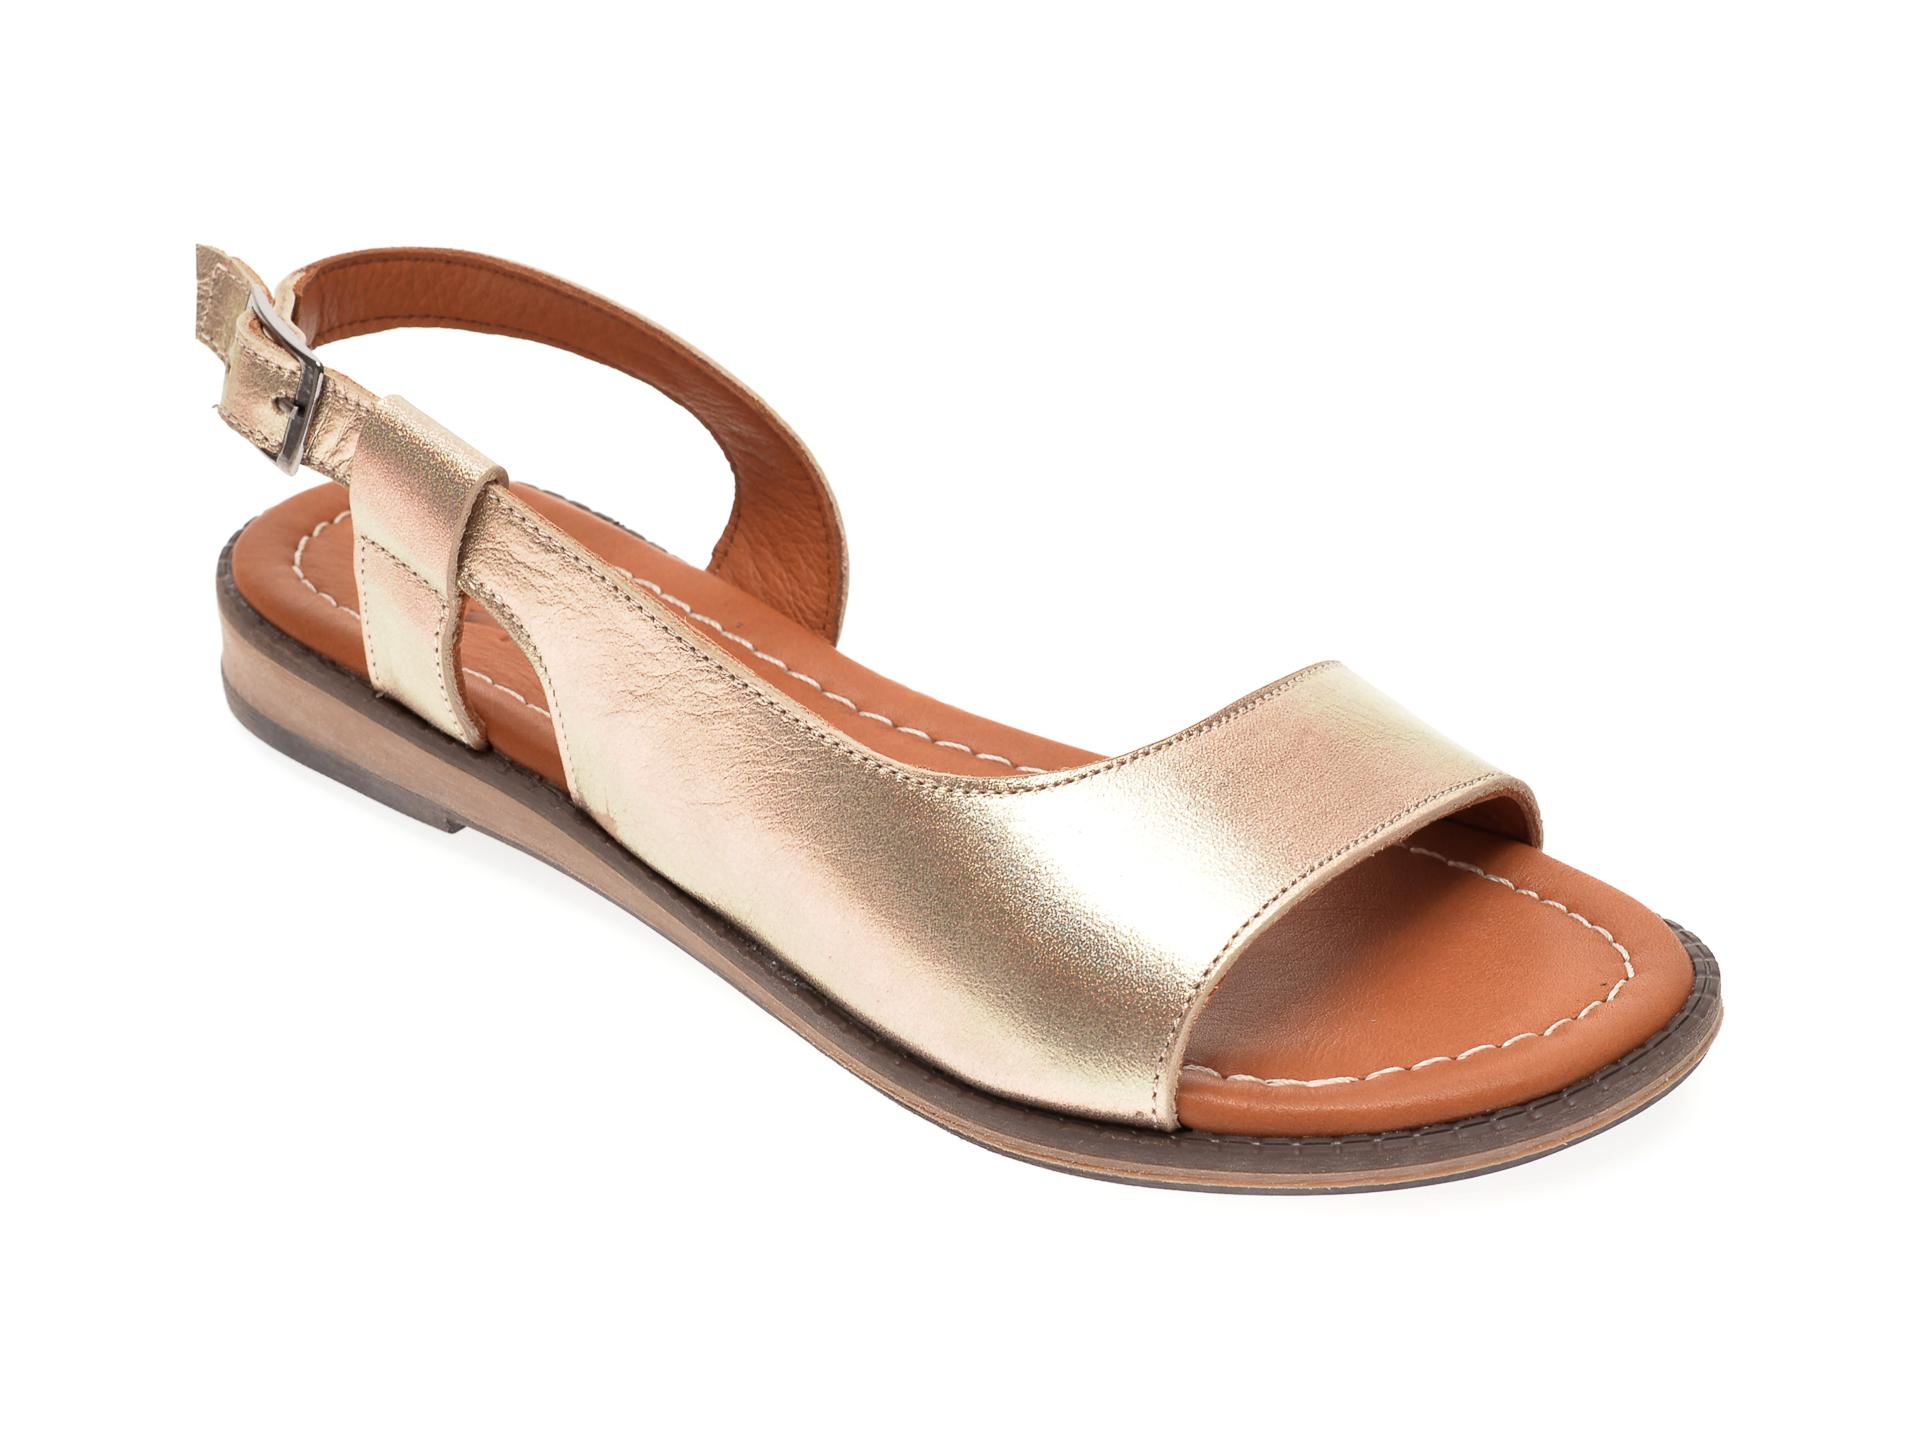 Sandale FLAVIA PASSINI auriu, 021, din piele naturala New